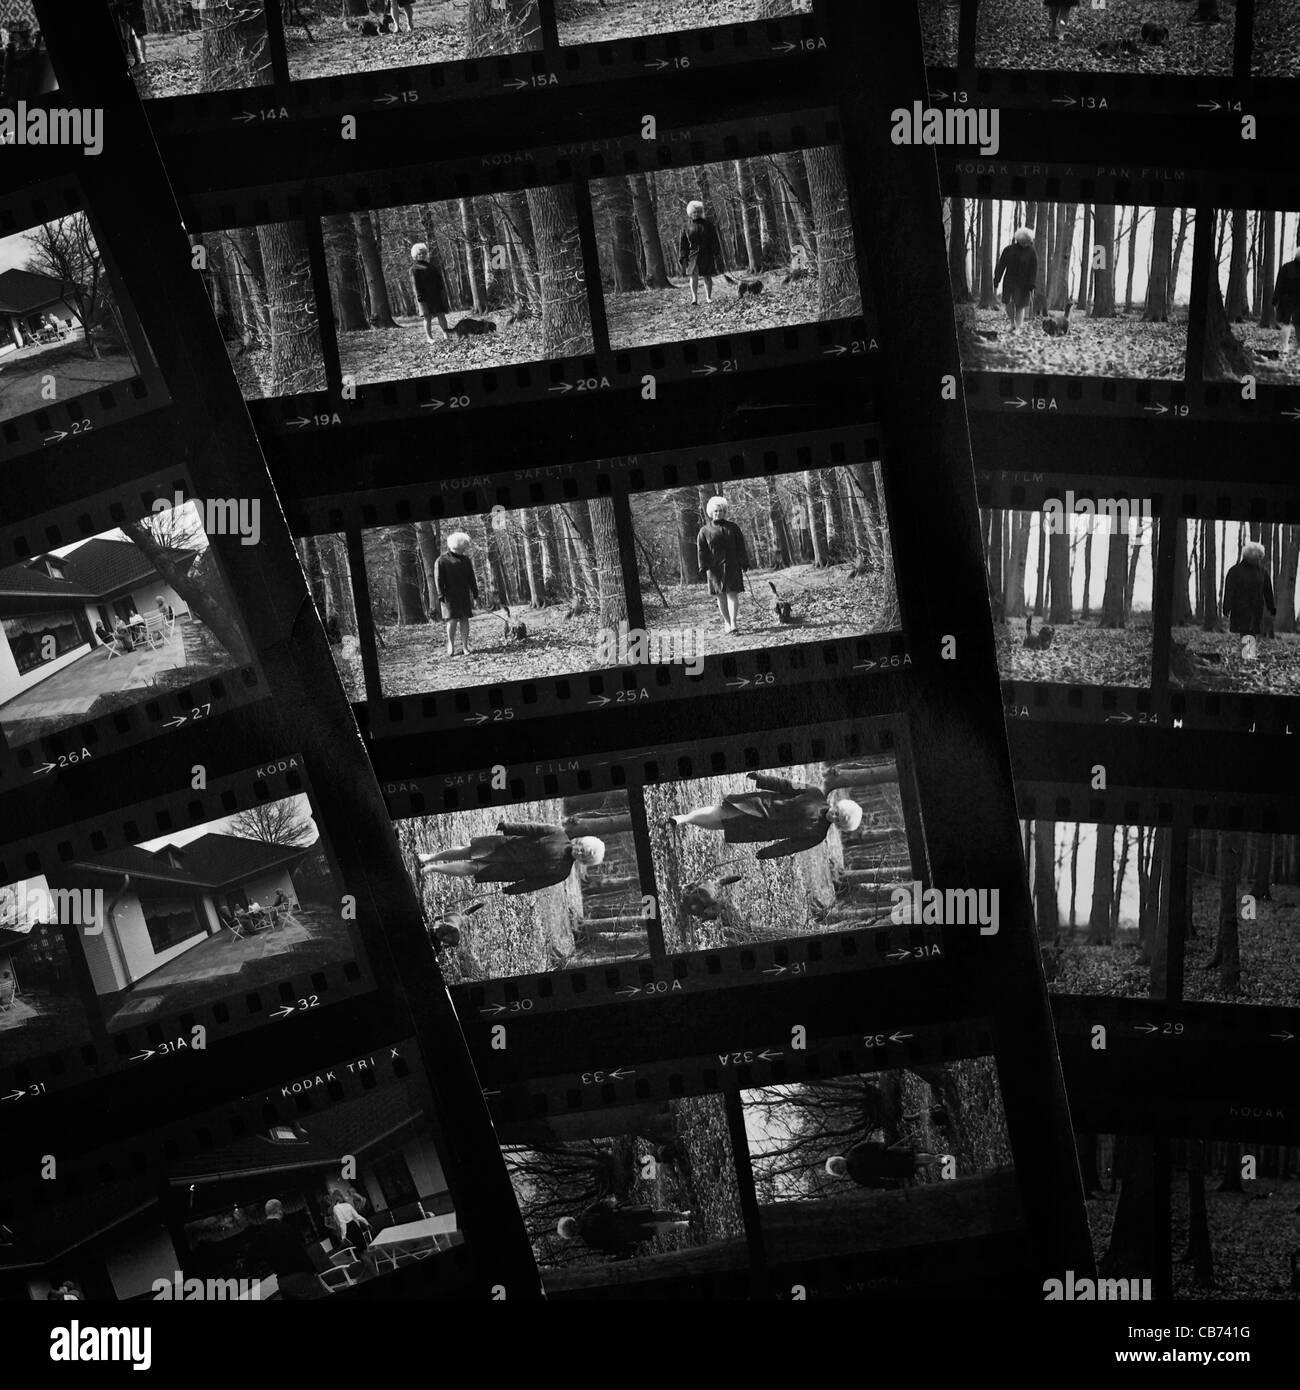 Kontaktabzüge in schwarz und weiß aus den 1960er Jahren Stockbild